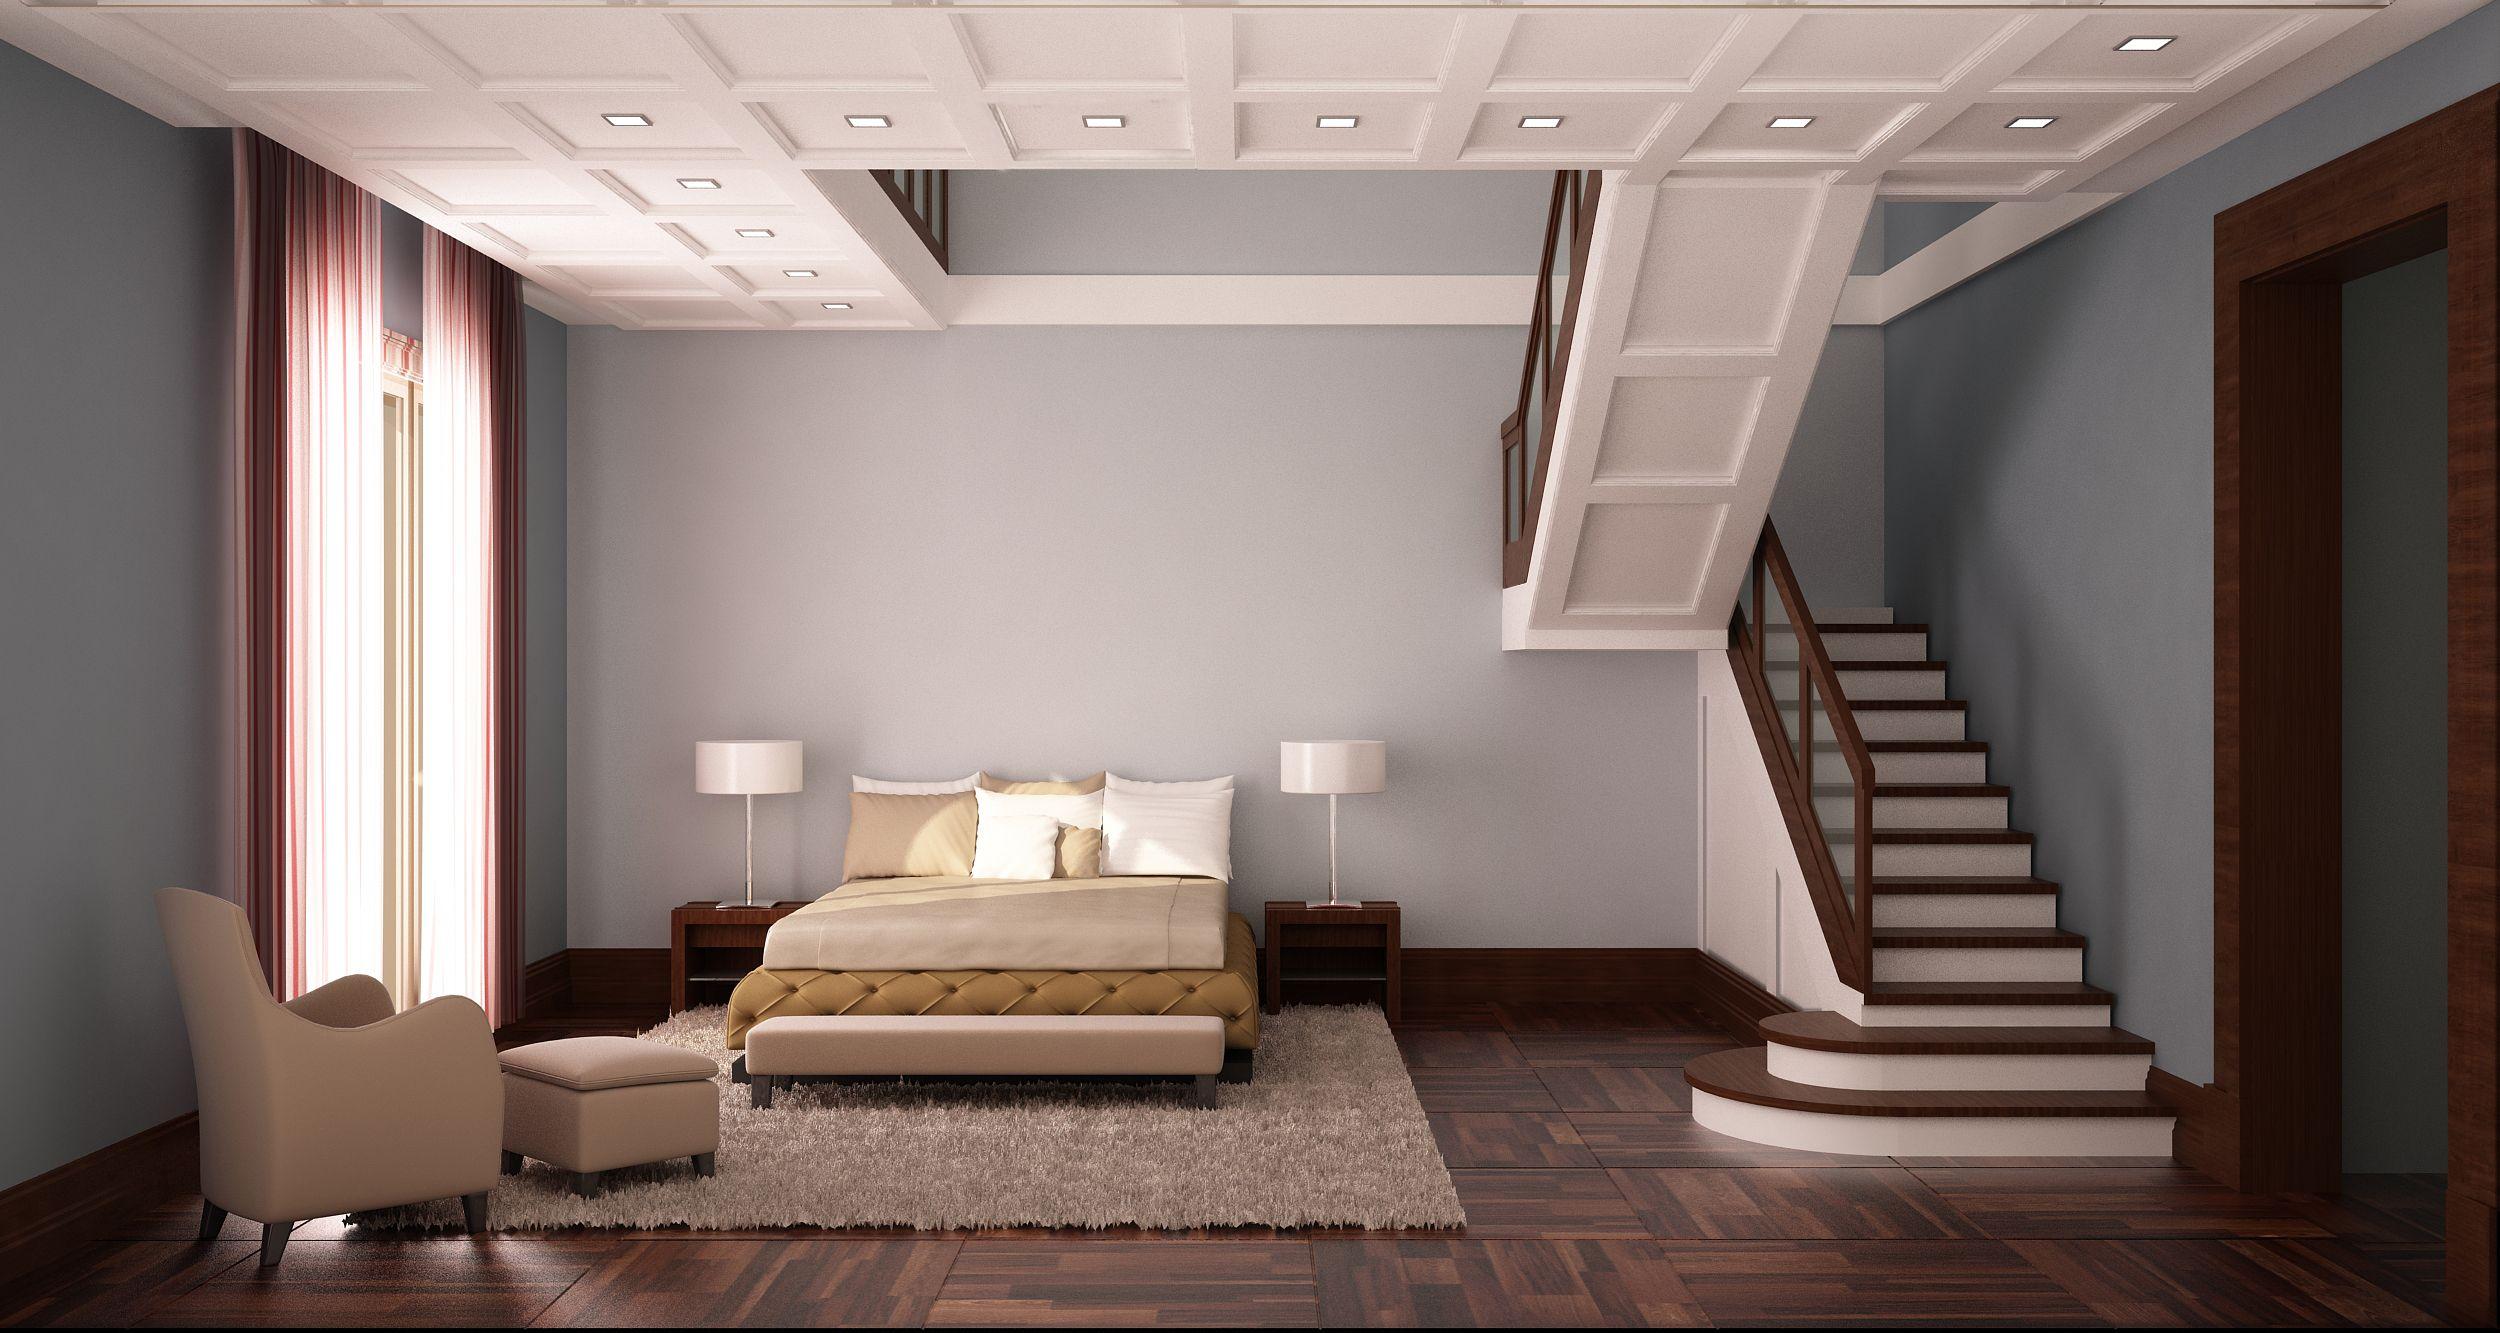 Double Height Bedroom Luxury Bedroom Master Modern Classic Bedroom Luxurious Bedrooms Luxury double bed room